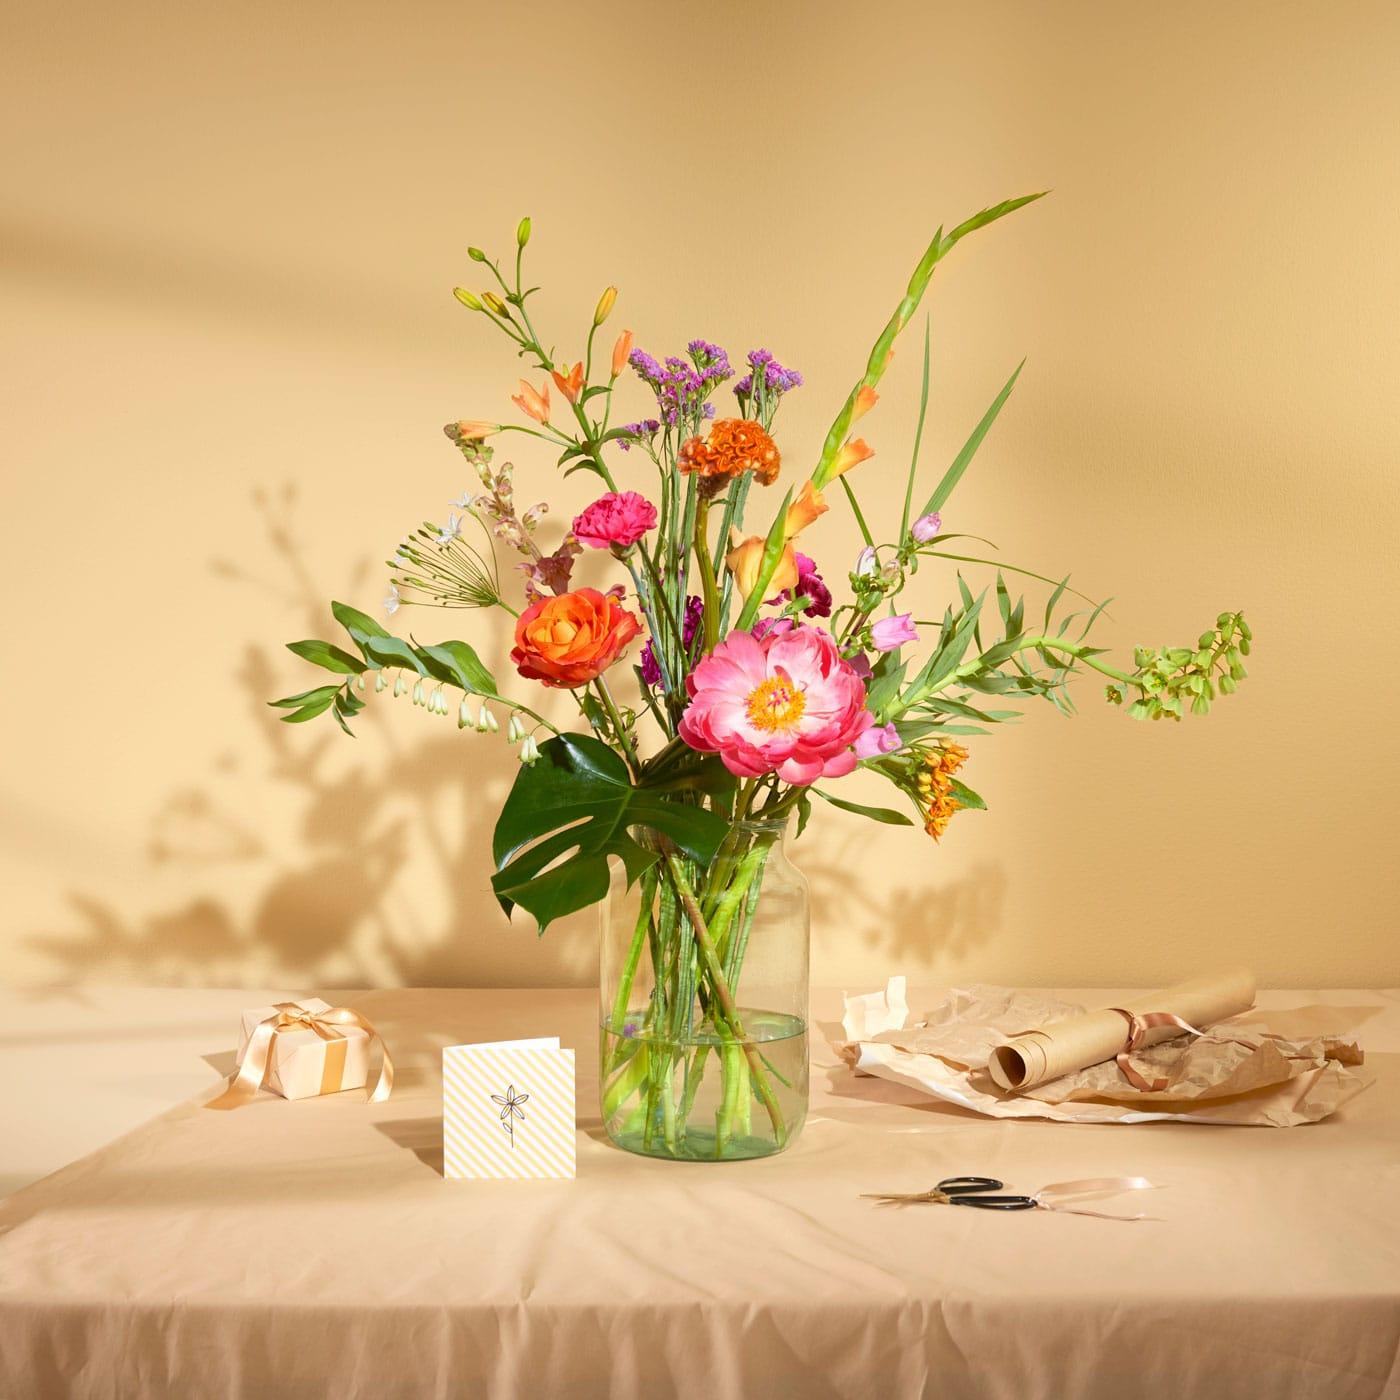 Geschenk zum Vatertag: Blumen-Bouquet // HIMBEER